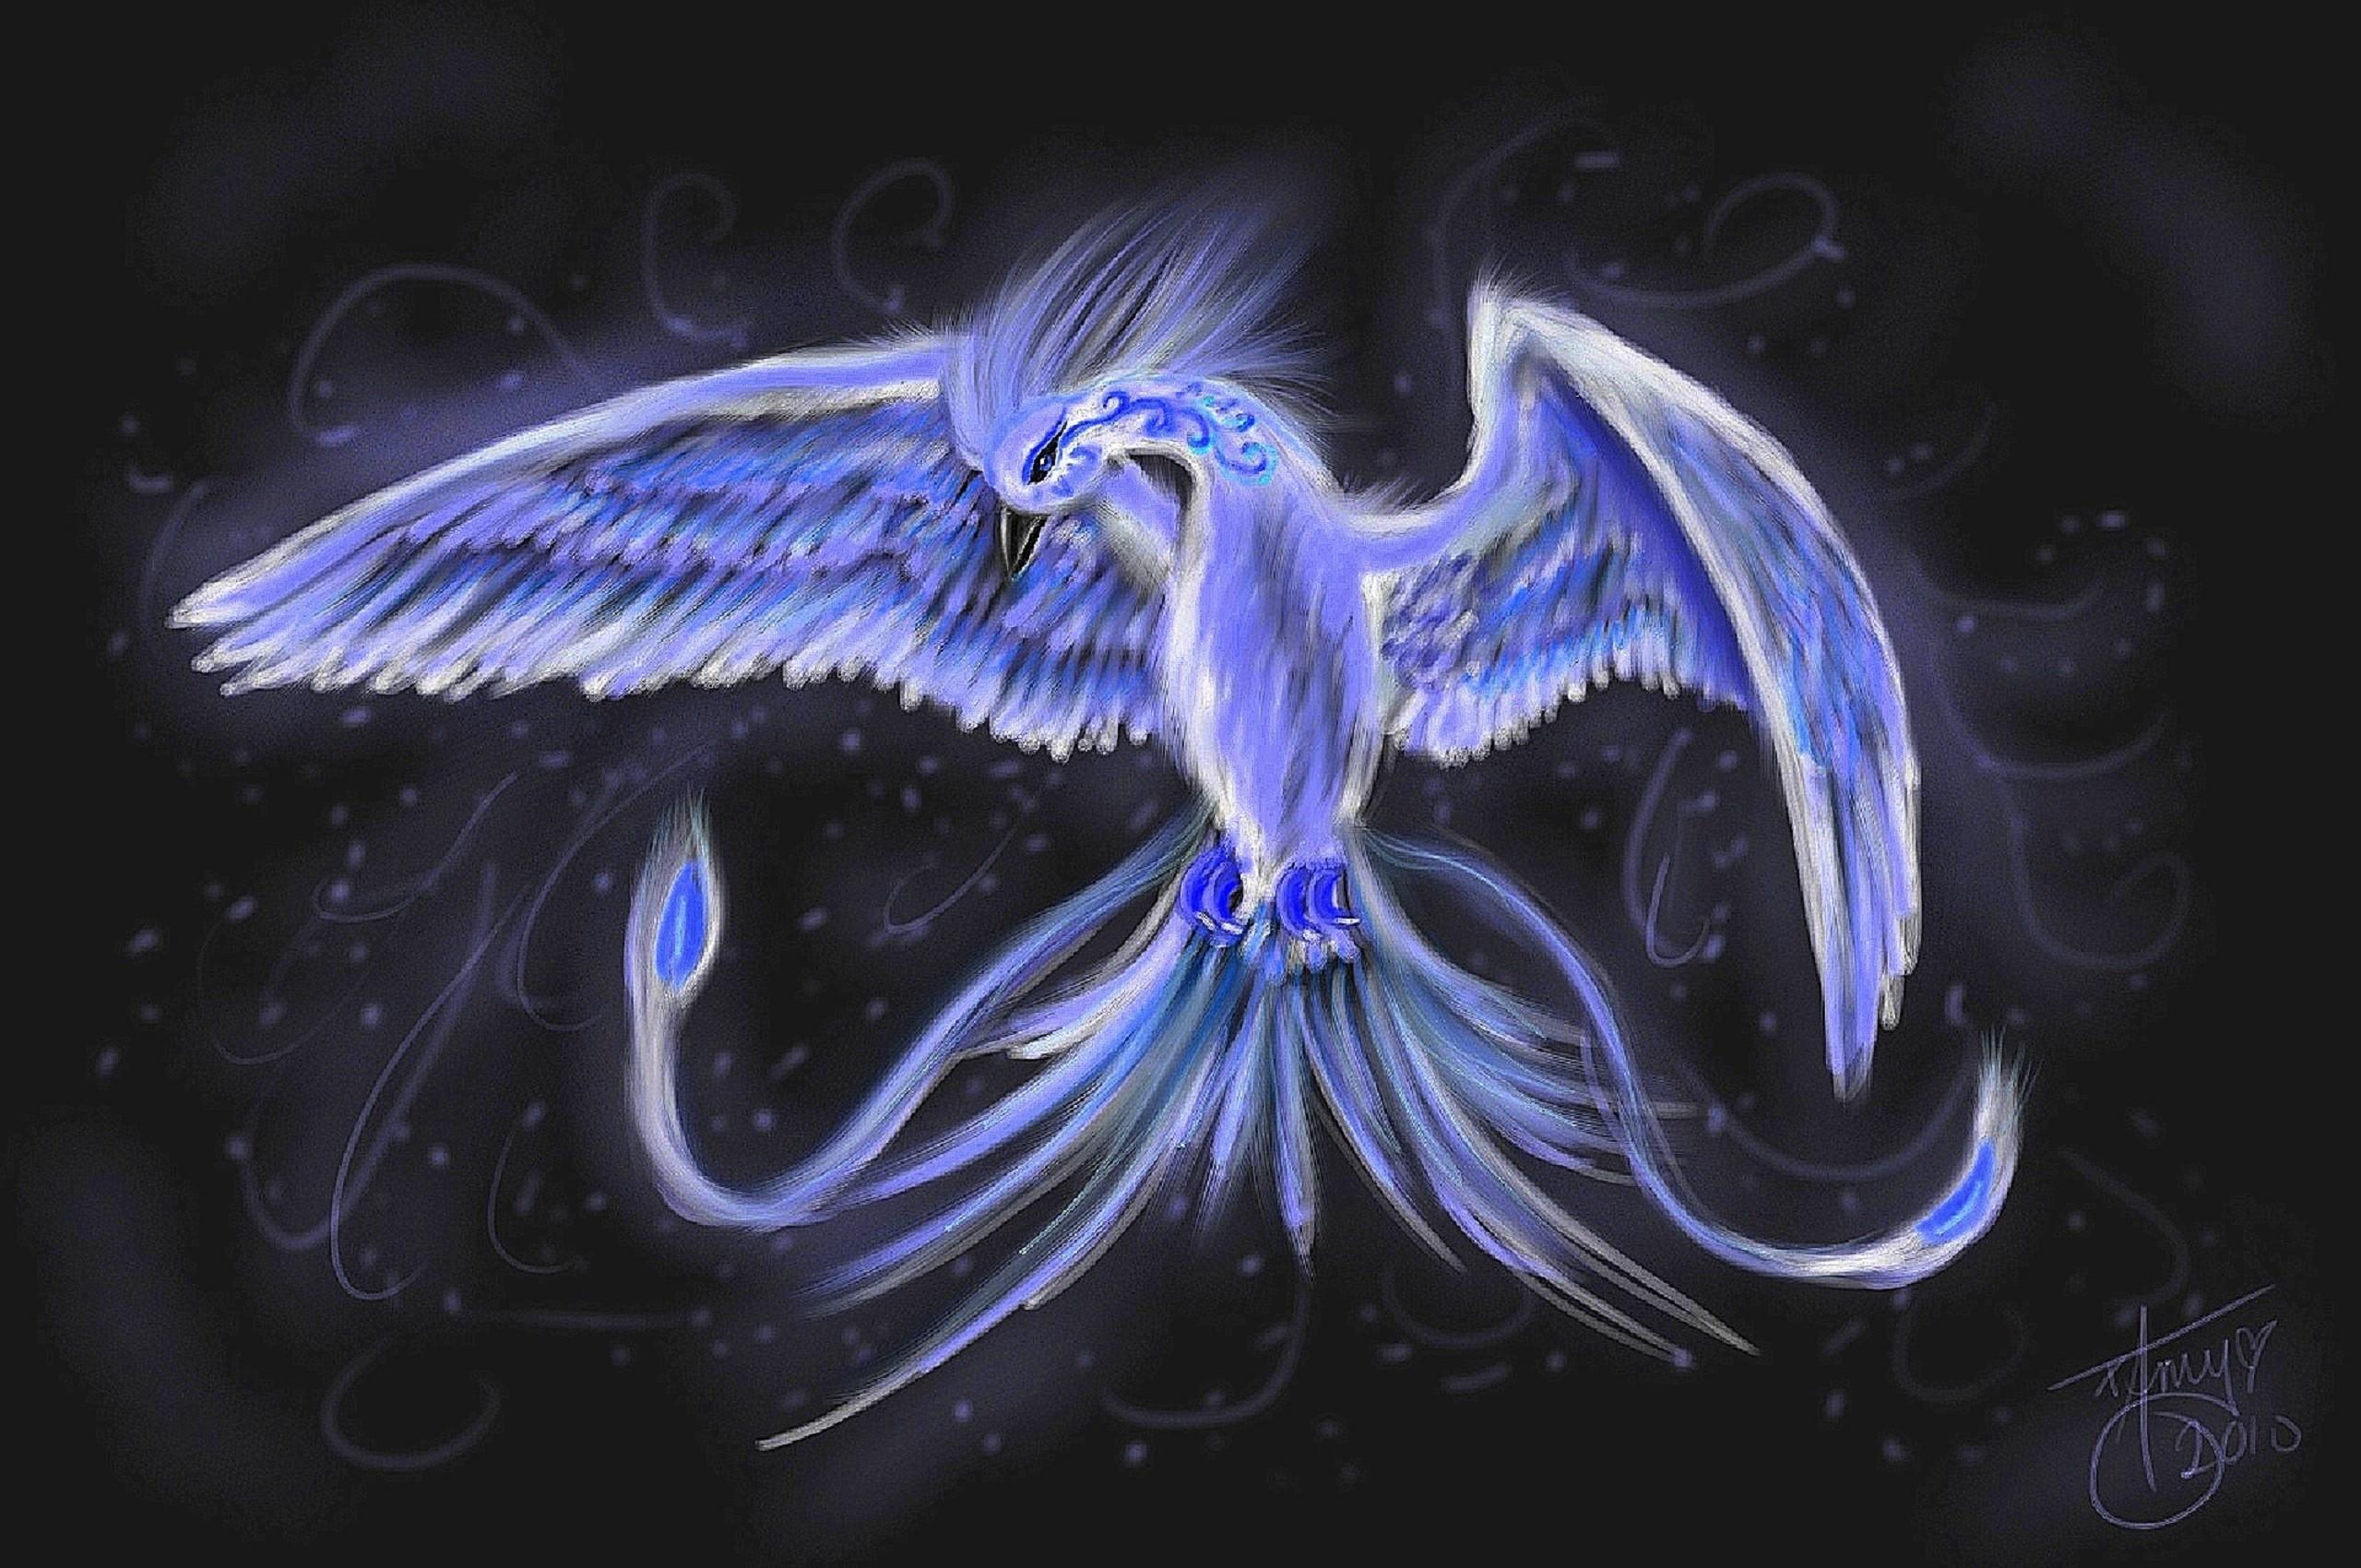 Blue Phoenix Wallpaper (76+ images)